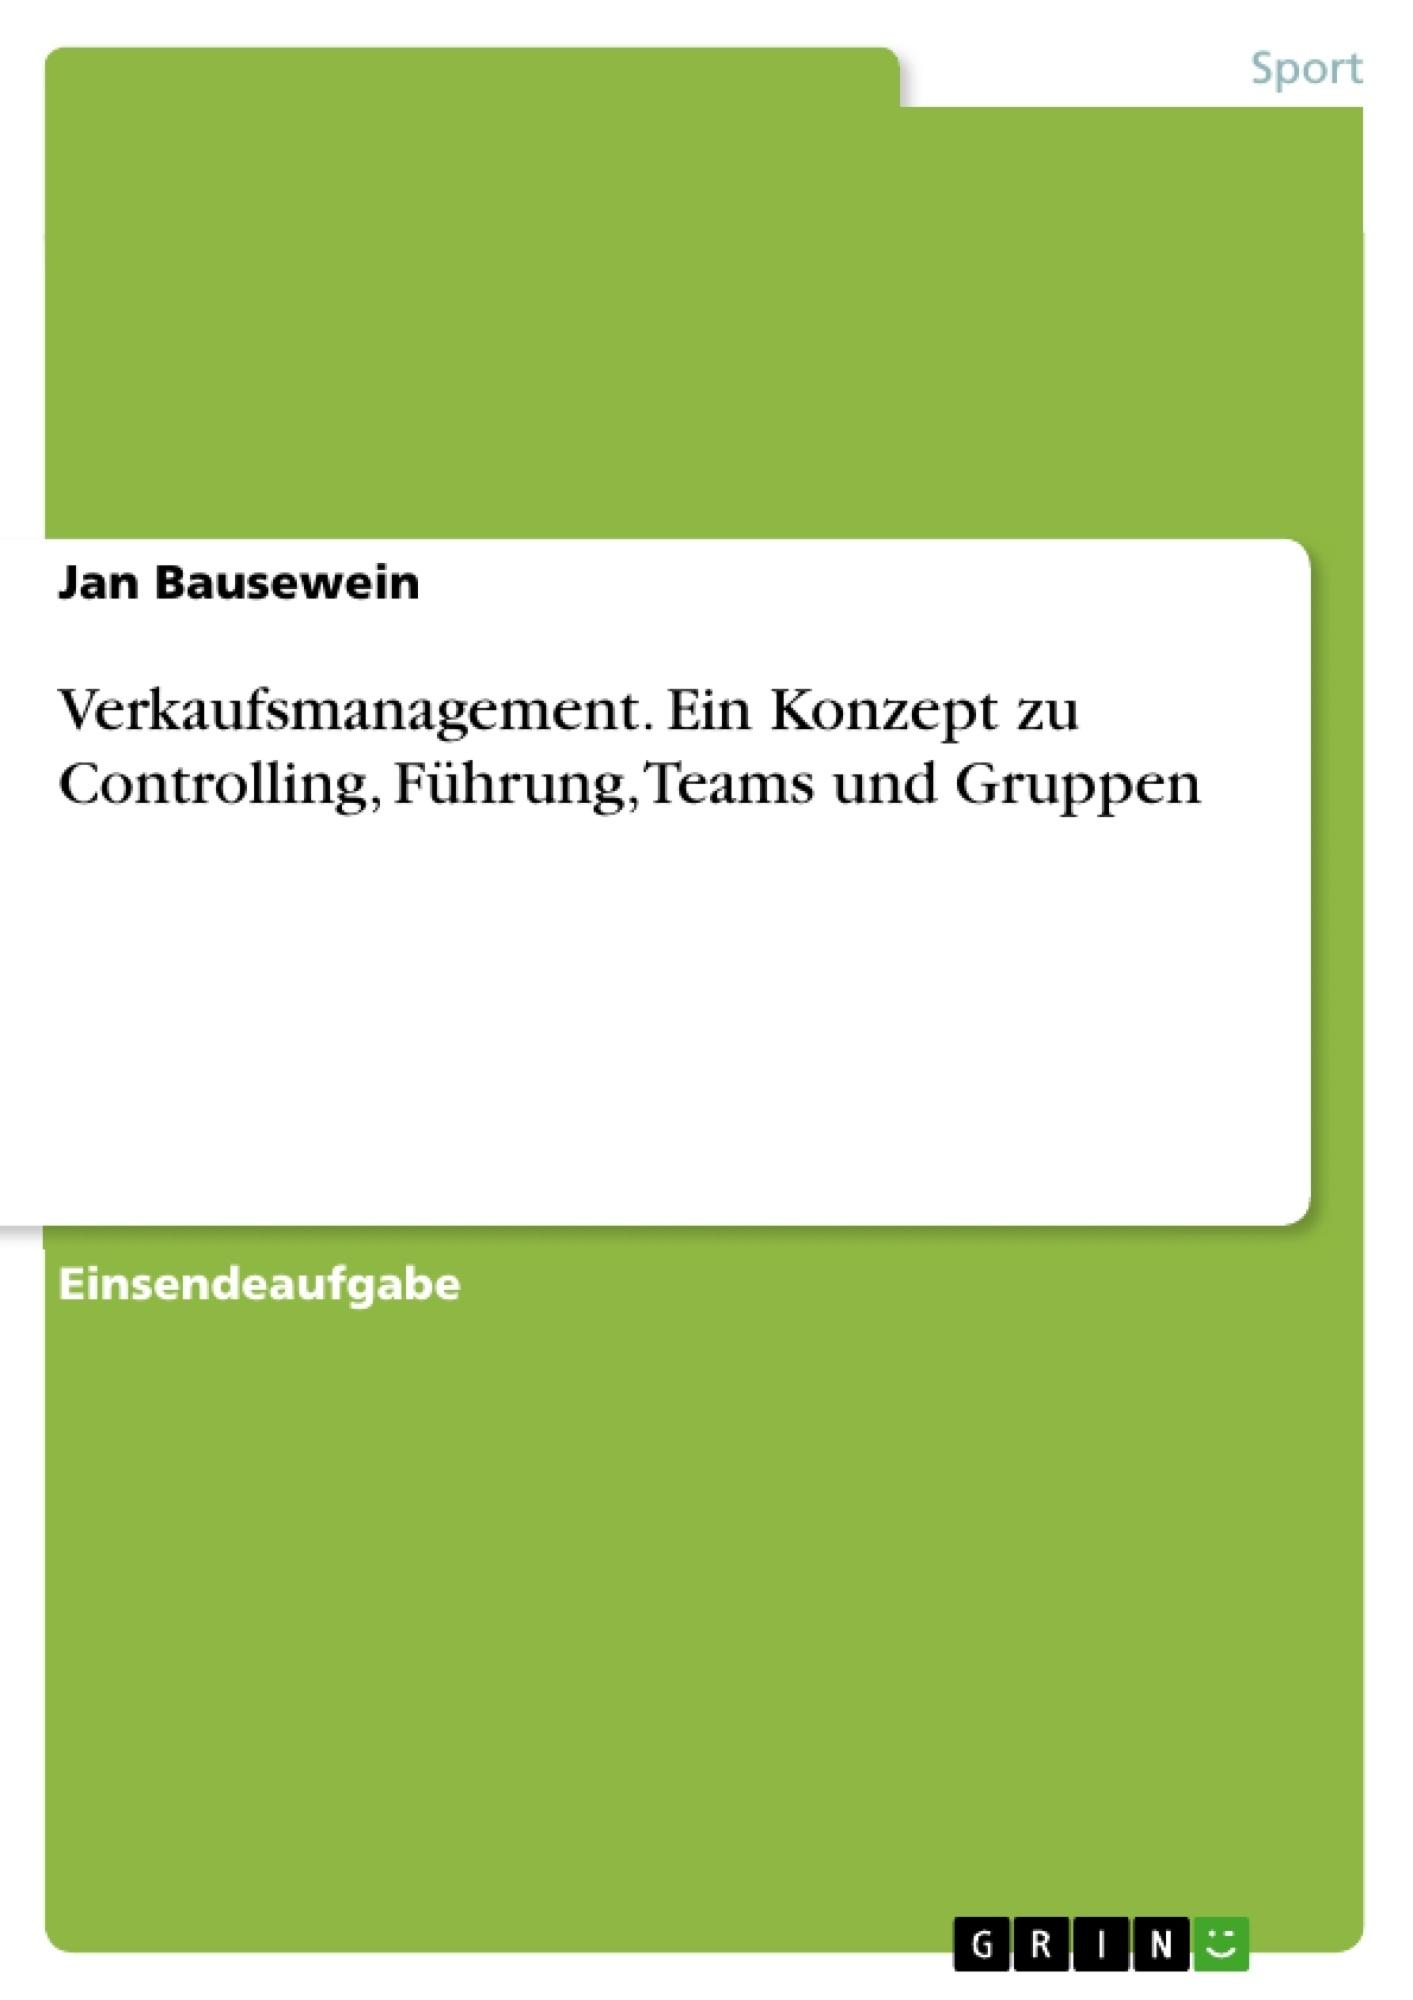 Titel: Verkaufsmanagement. Ein Konzept zu Controlling, Führung, Teams und Gruppen